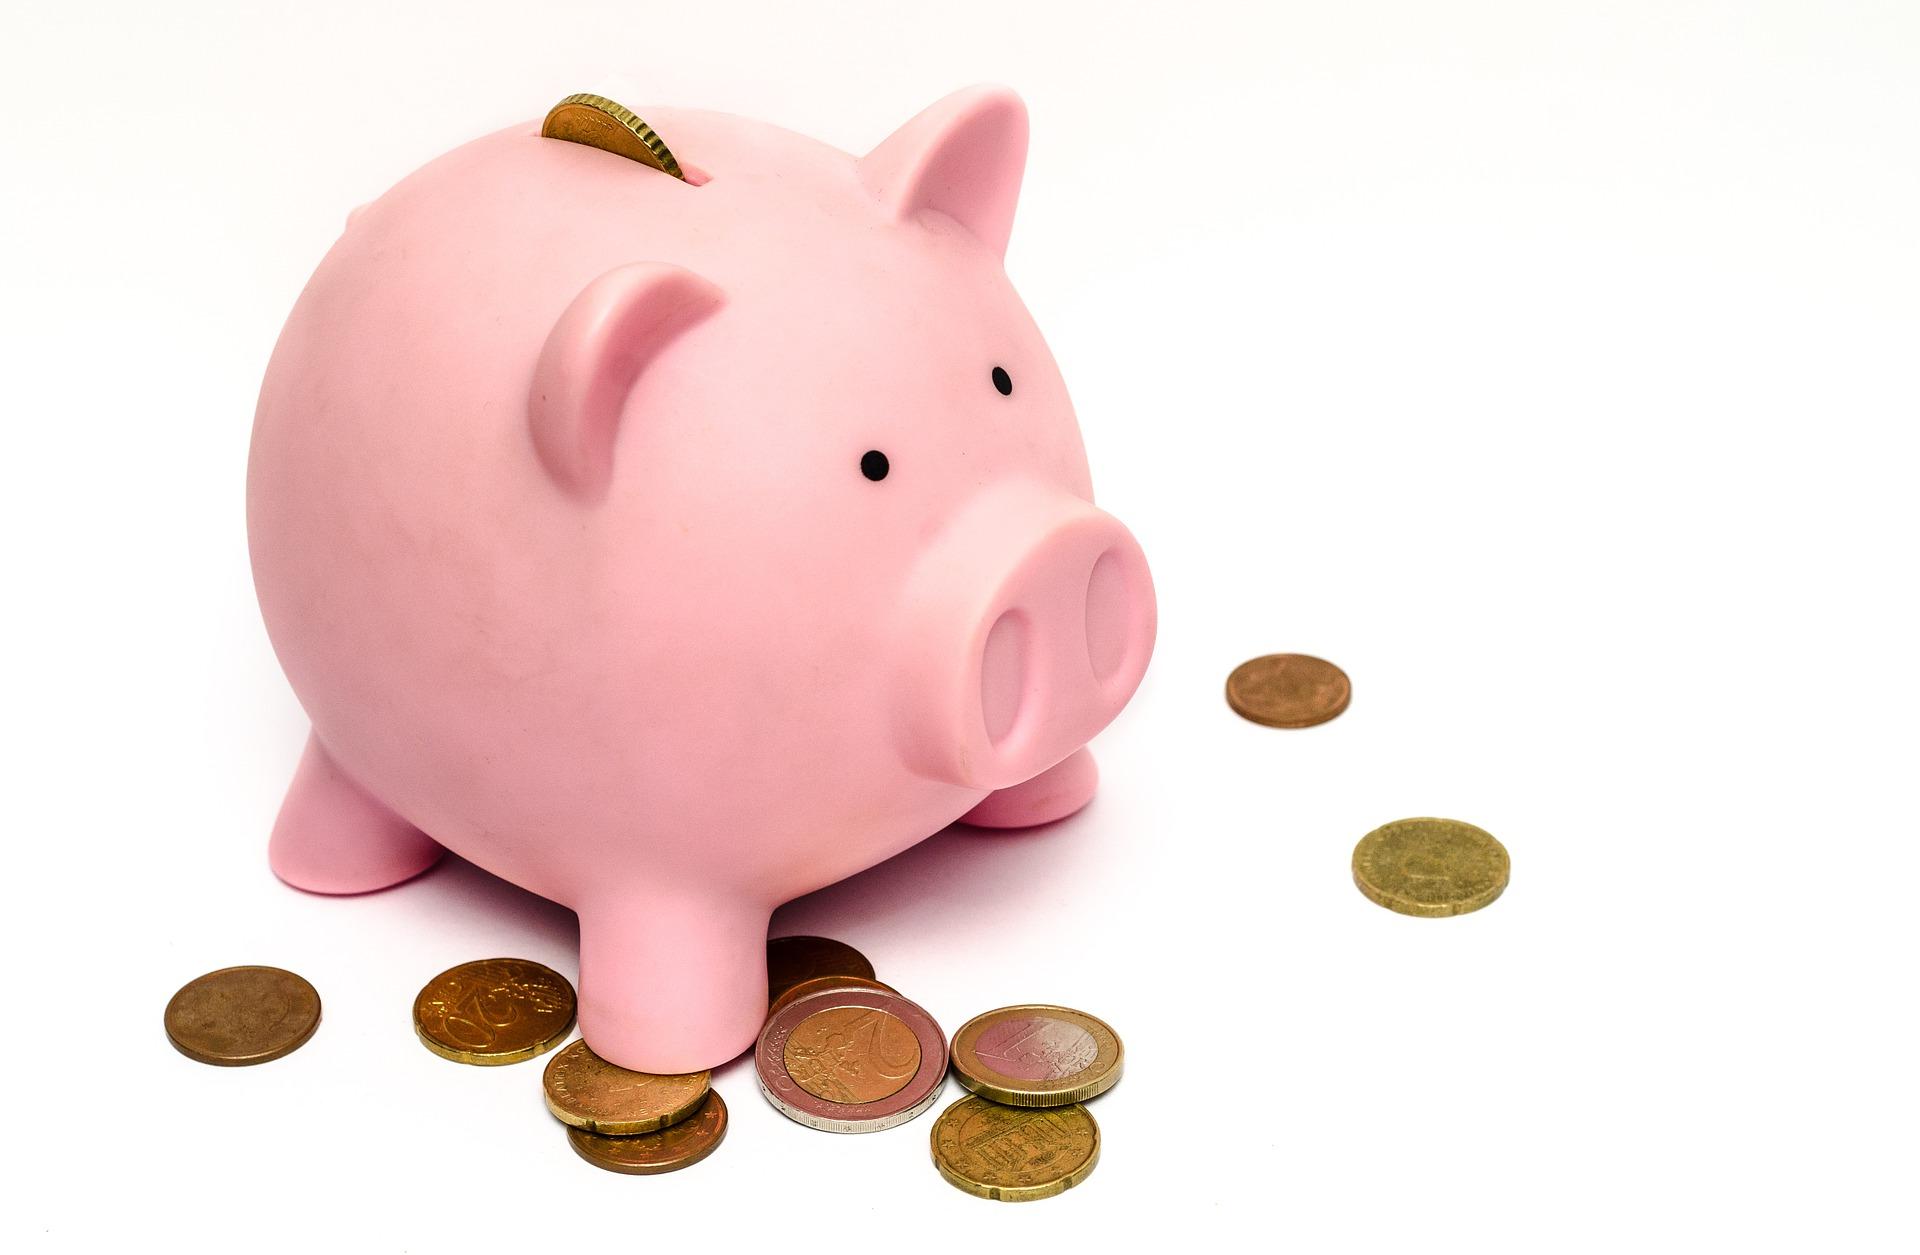 Saldo positivo da poupança ficou em 38,2 bilhões em 2018, diz Banco Central